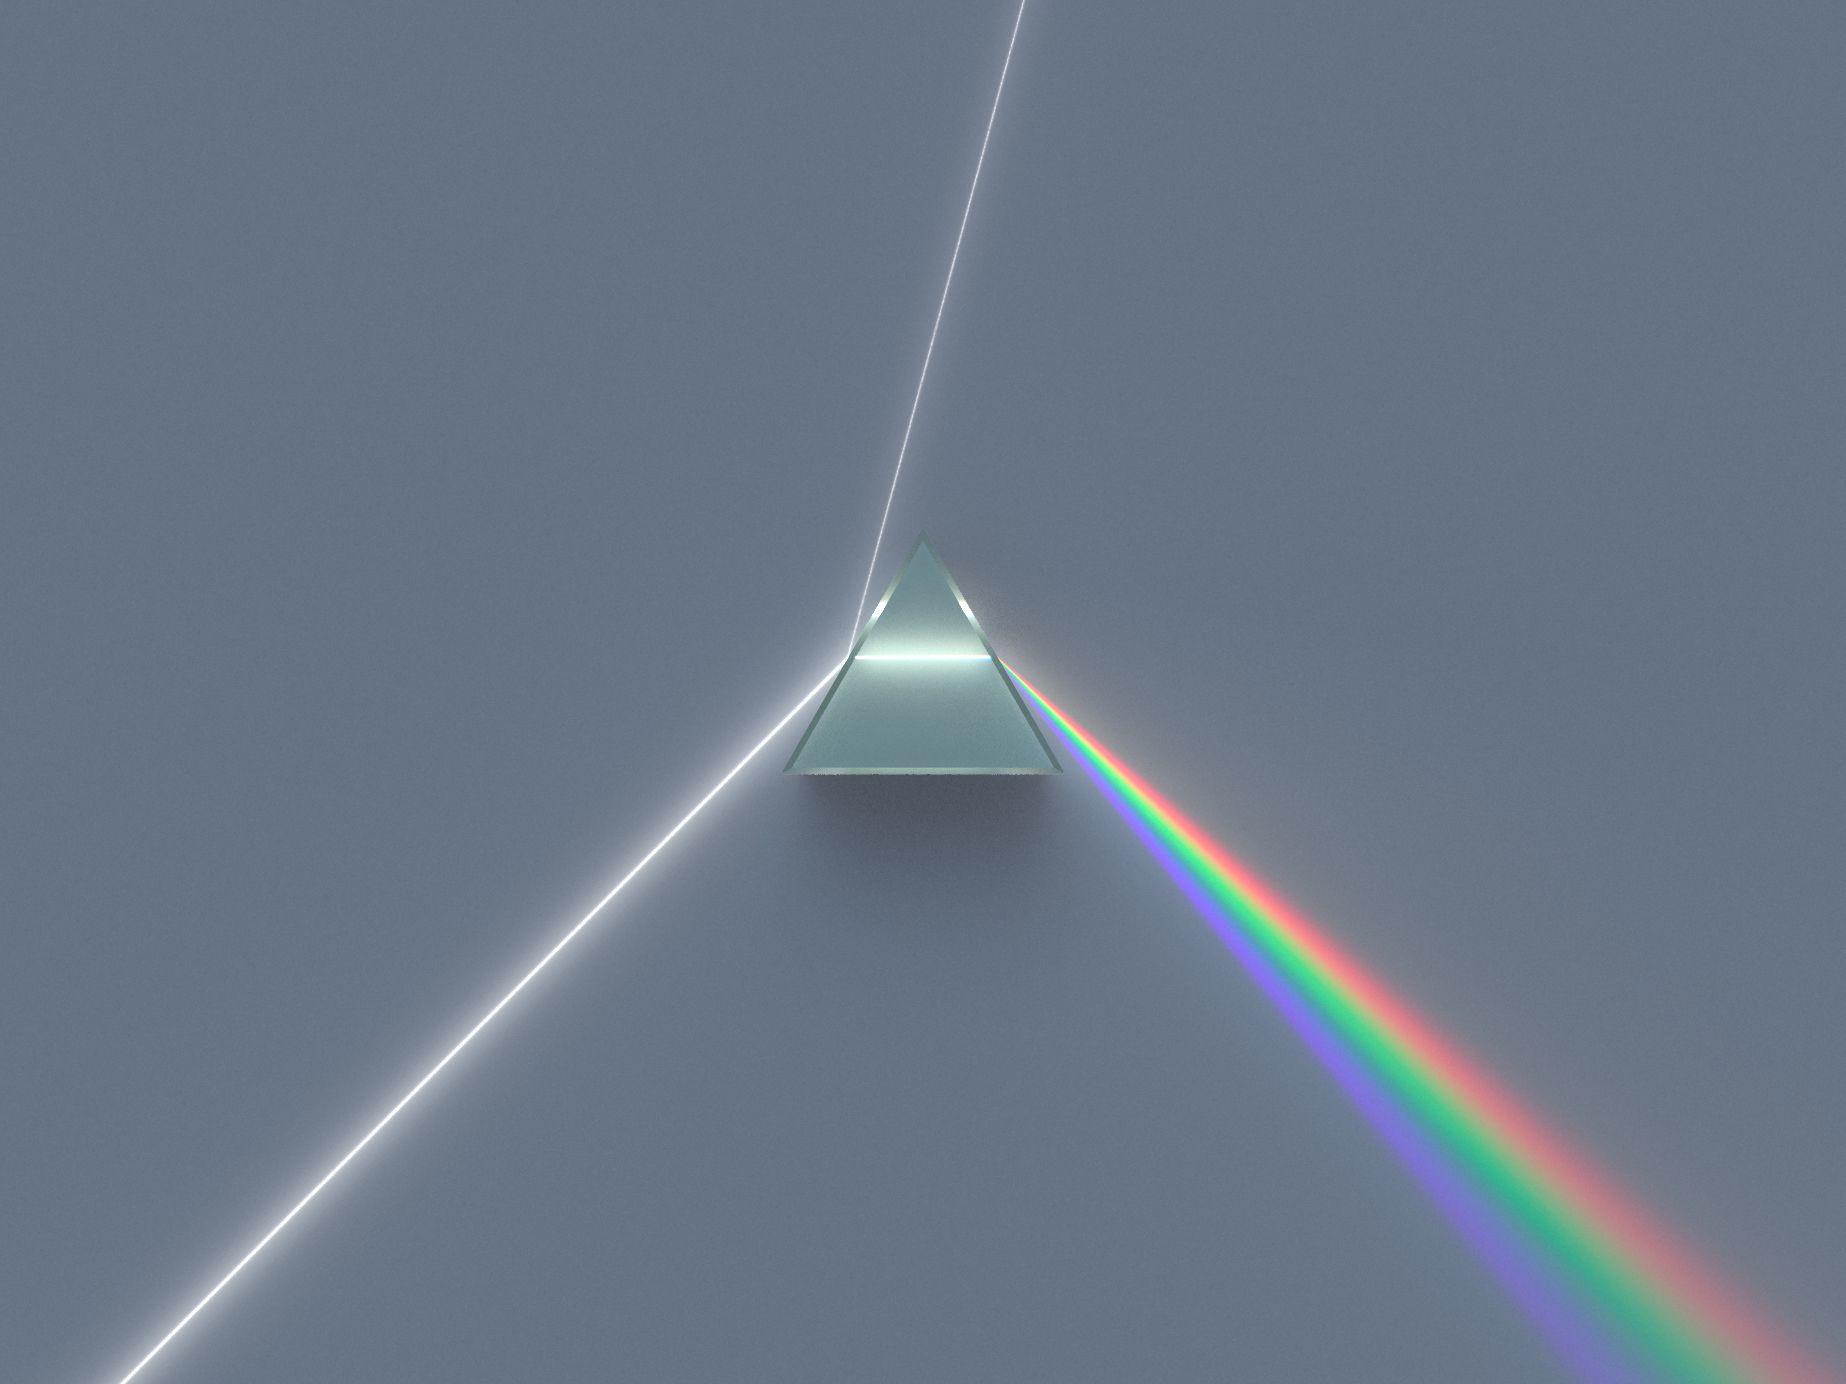 Wit Licht Wordt Door Een Prisma Gebroken In De Verschillende Kleurgolven We Zien De Kleur Van